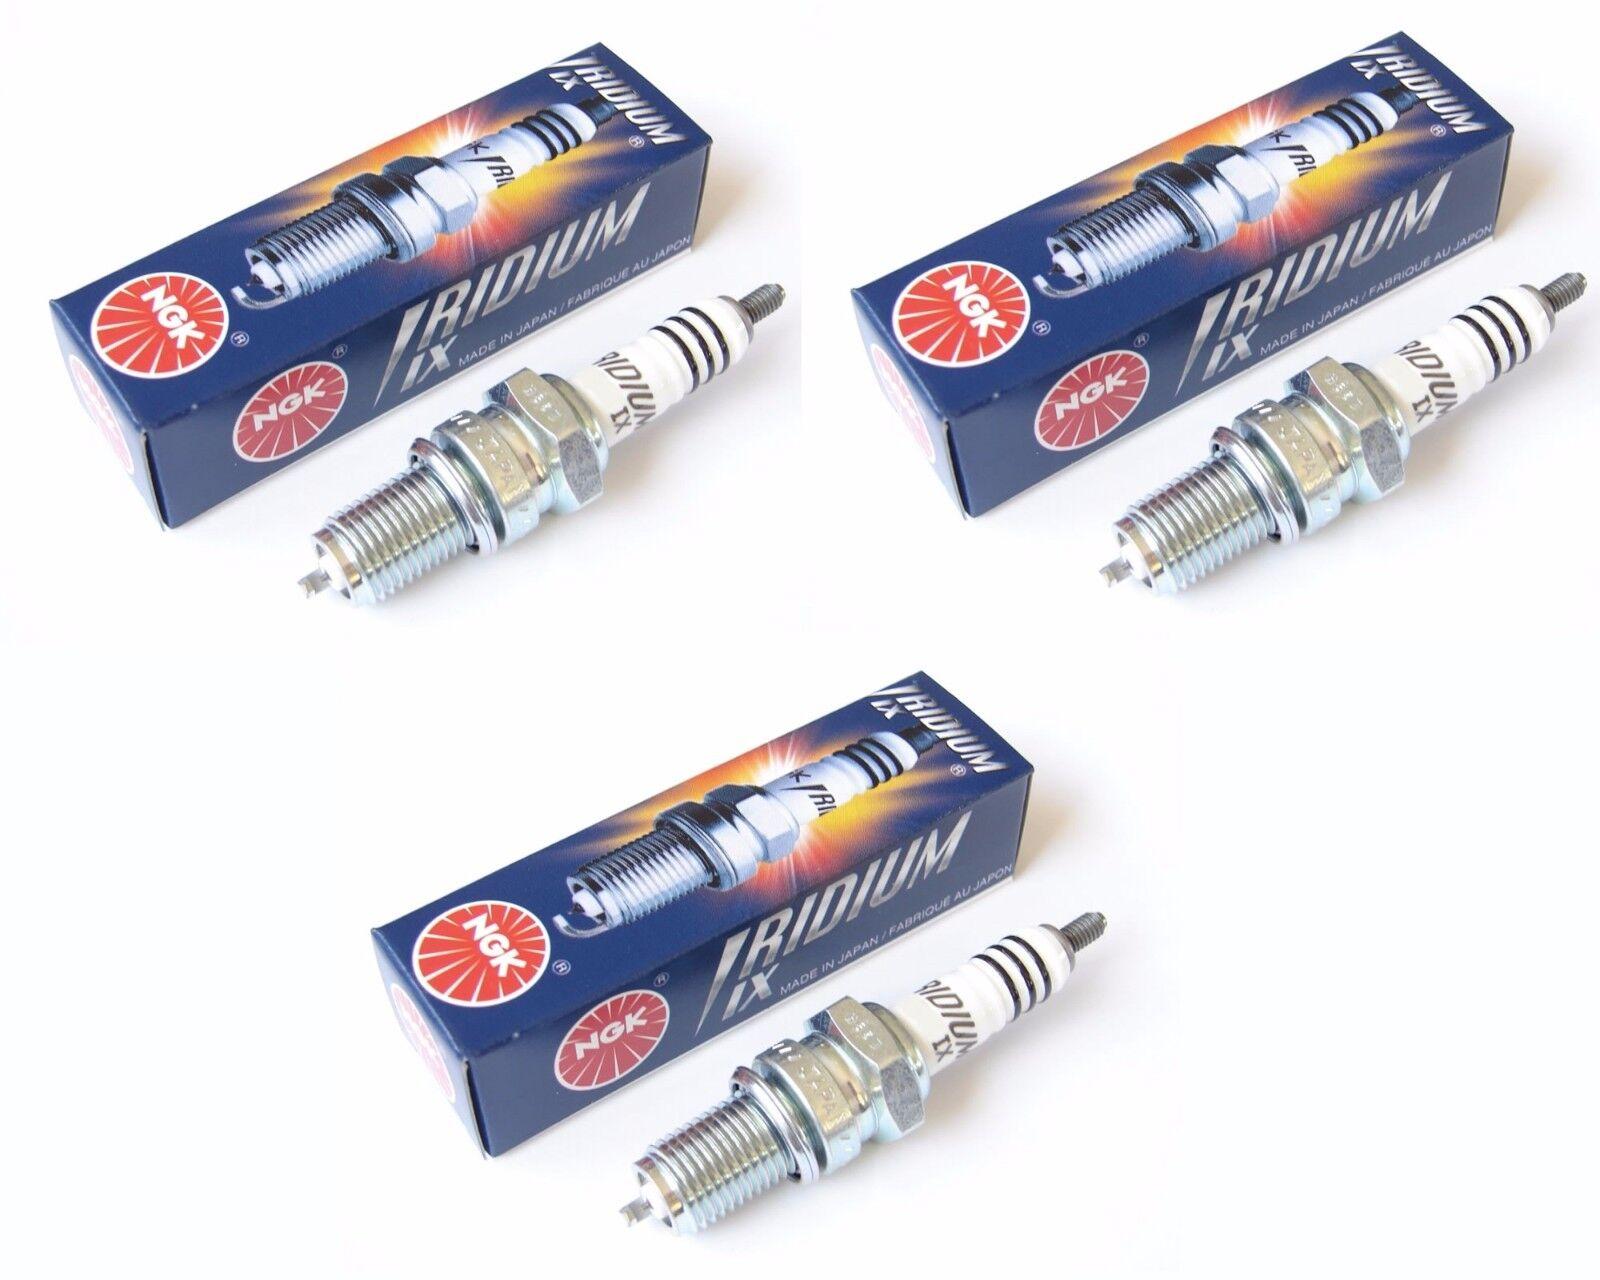 Triumph Sprint RS 1999-2004 2x K/&N Oil Filter